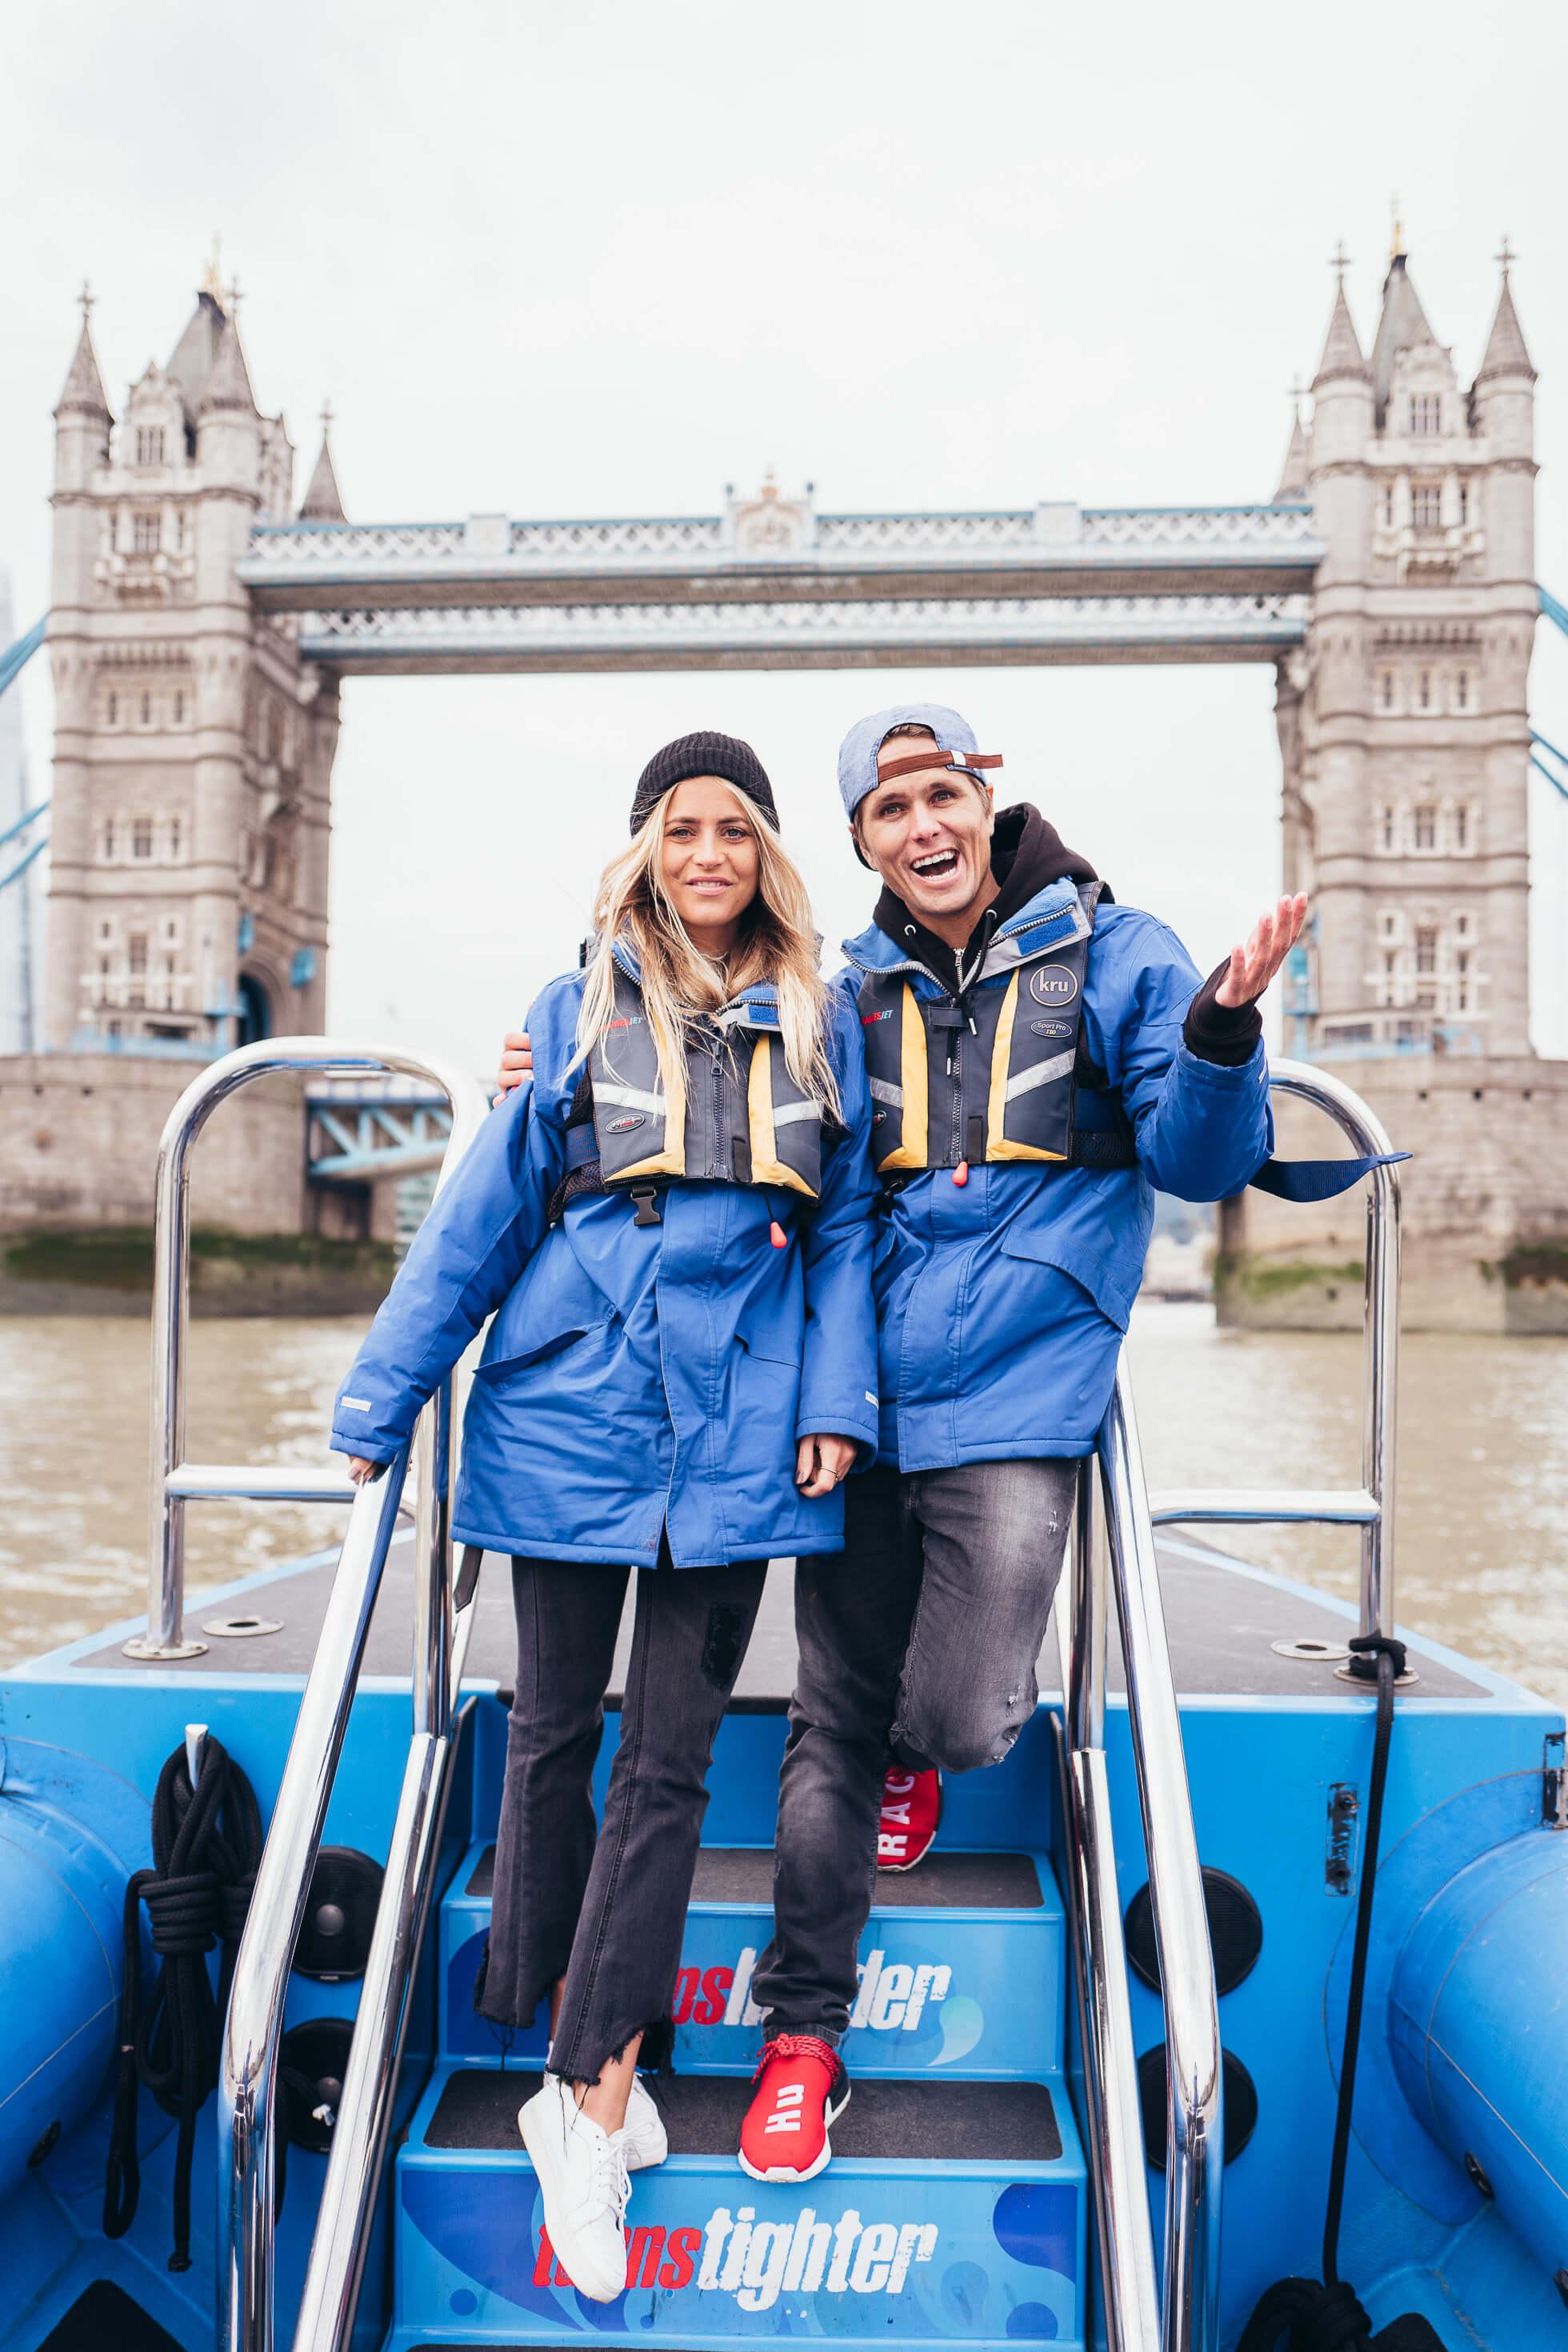 janni-deler-speedboat-londonl1160077